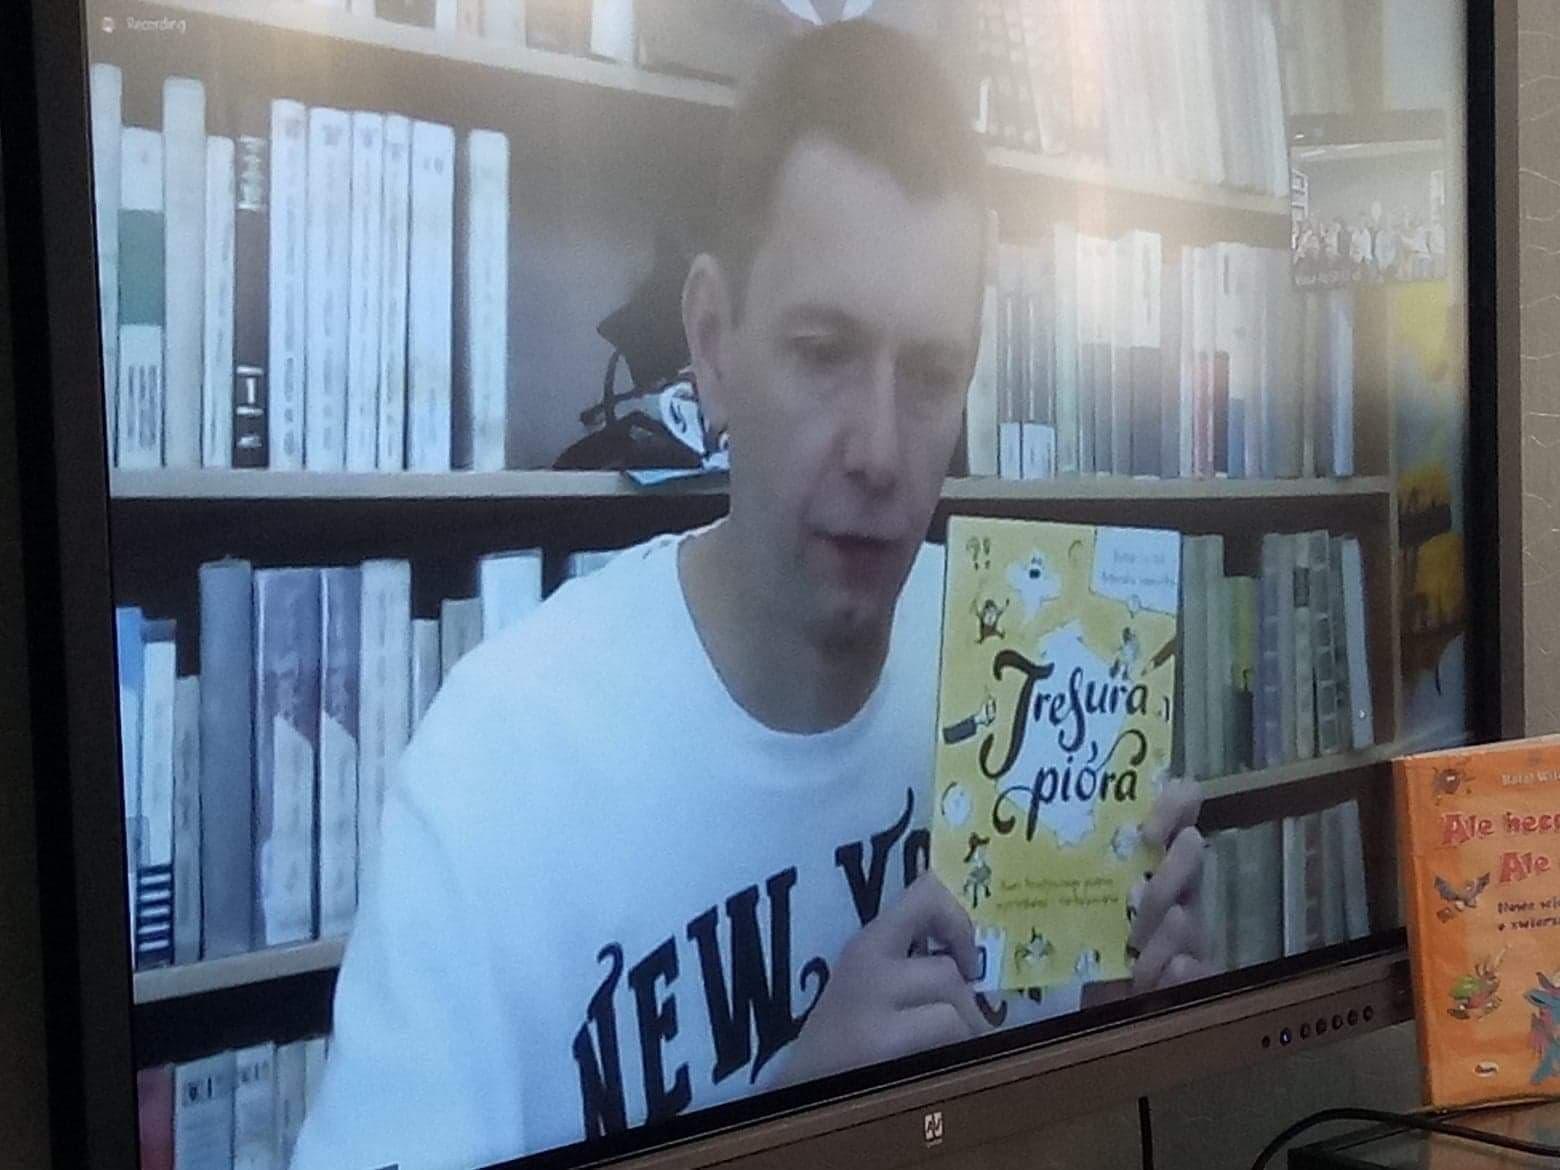 Rafał Witek z książką Tresura pióra